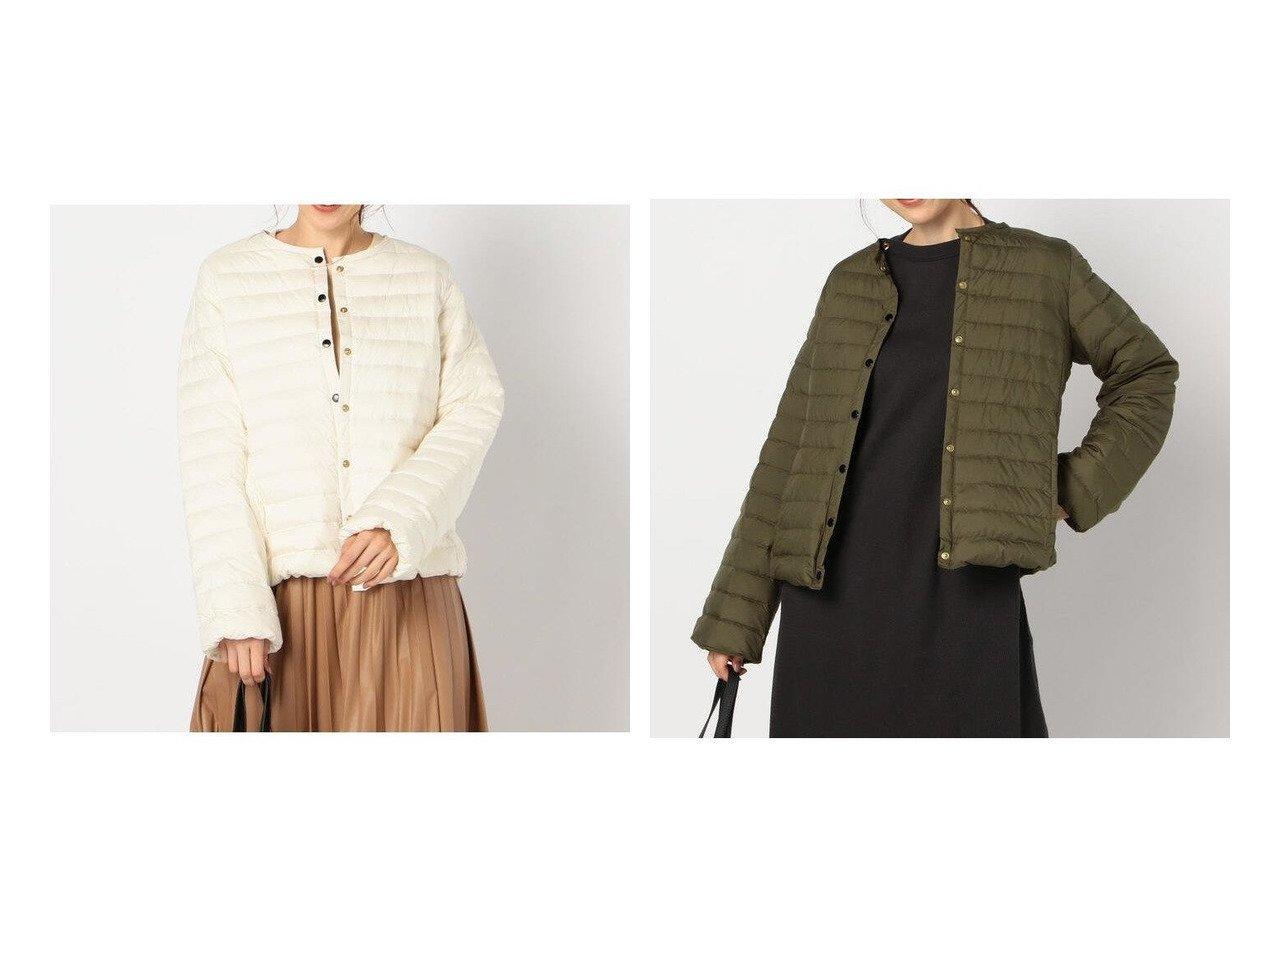 【NOLLEY'S/ノーリーズ】の【TRADITIONAL WEATHERWEAR】ARKLEY DOWN PA ノーリーズのおすすめ!人気、トレンド・レディースファッションの通販 おすすめで人気の流行・トレンド、ファッションの通販商品 メンズファッション・キッズファッション・インテリア・家具・レディースファッション・服の通販 founy(ファニー) https://founy.com/ ファッション Fashion レディースファッション WOMEN アウター Coat Outerwear ブルゾン Blouson Jackets インナー コンパクト ジャケット ダウン ブルゾン 再入荷 Restock/Back in Stock/Re Arrival  ID:crp329100000021966